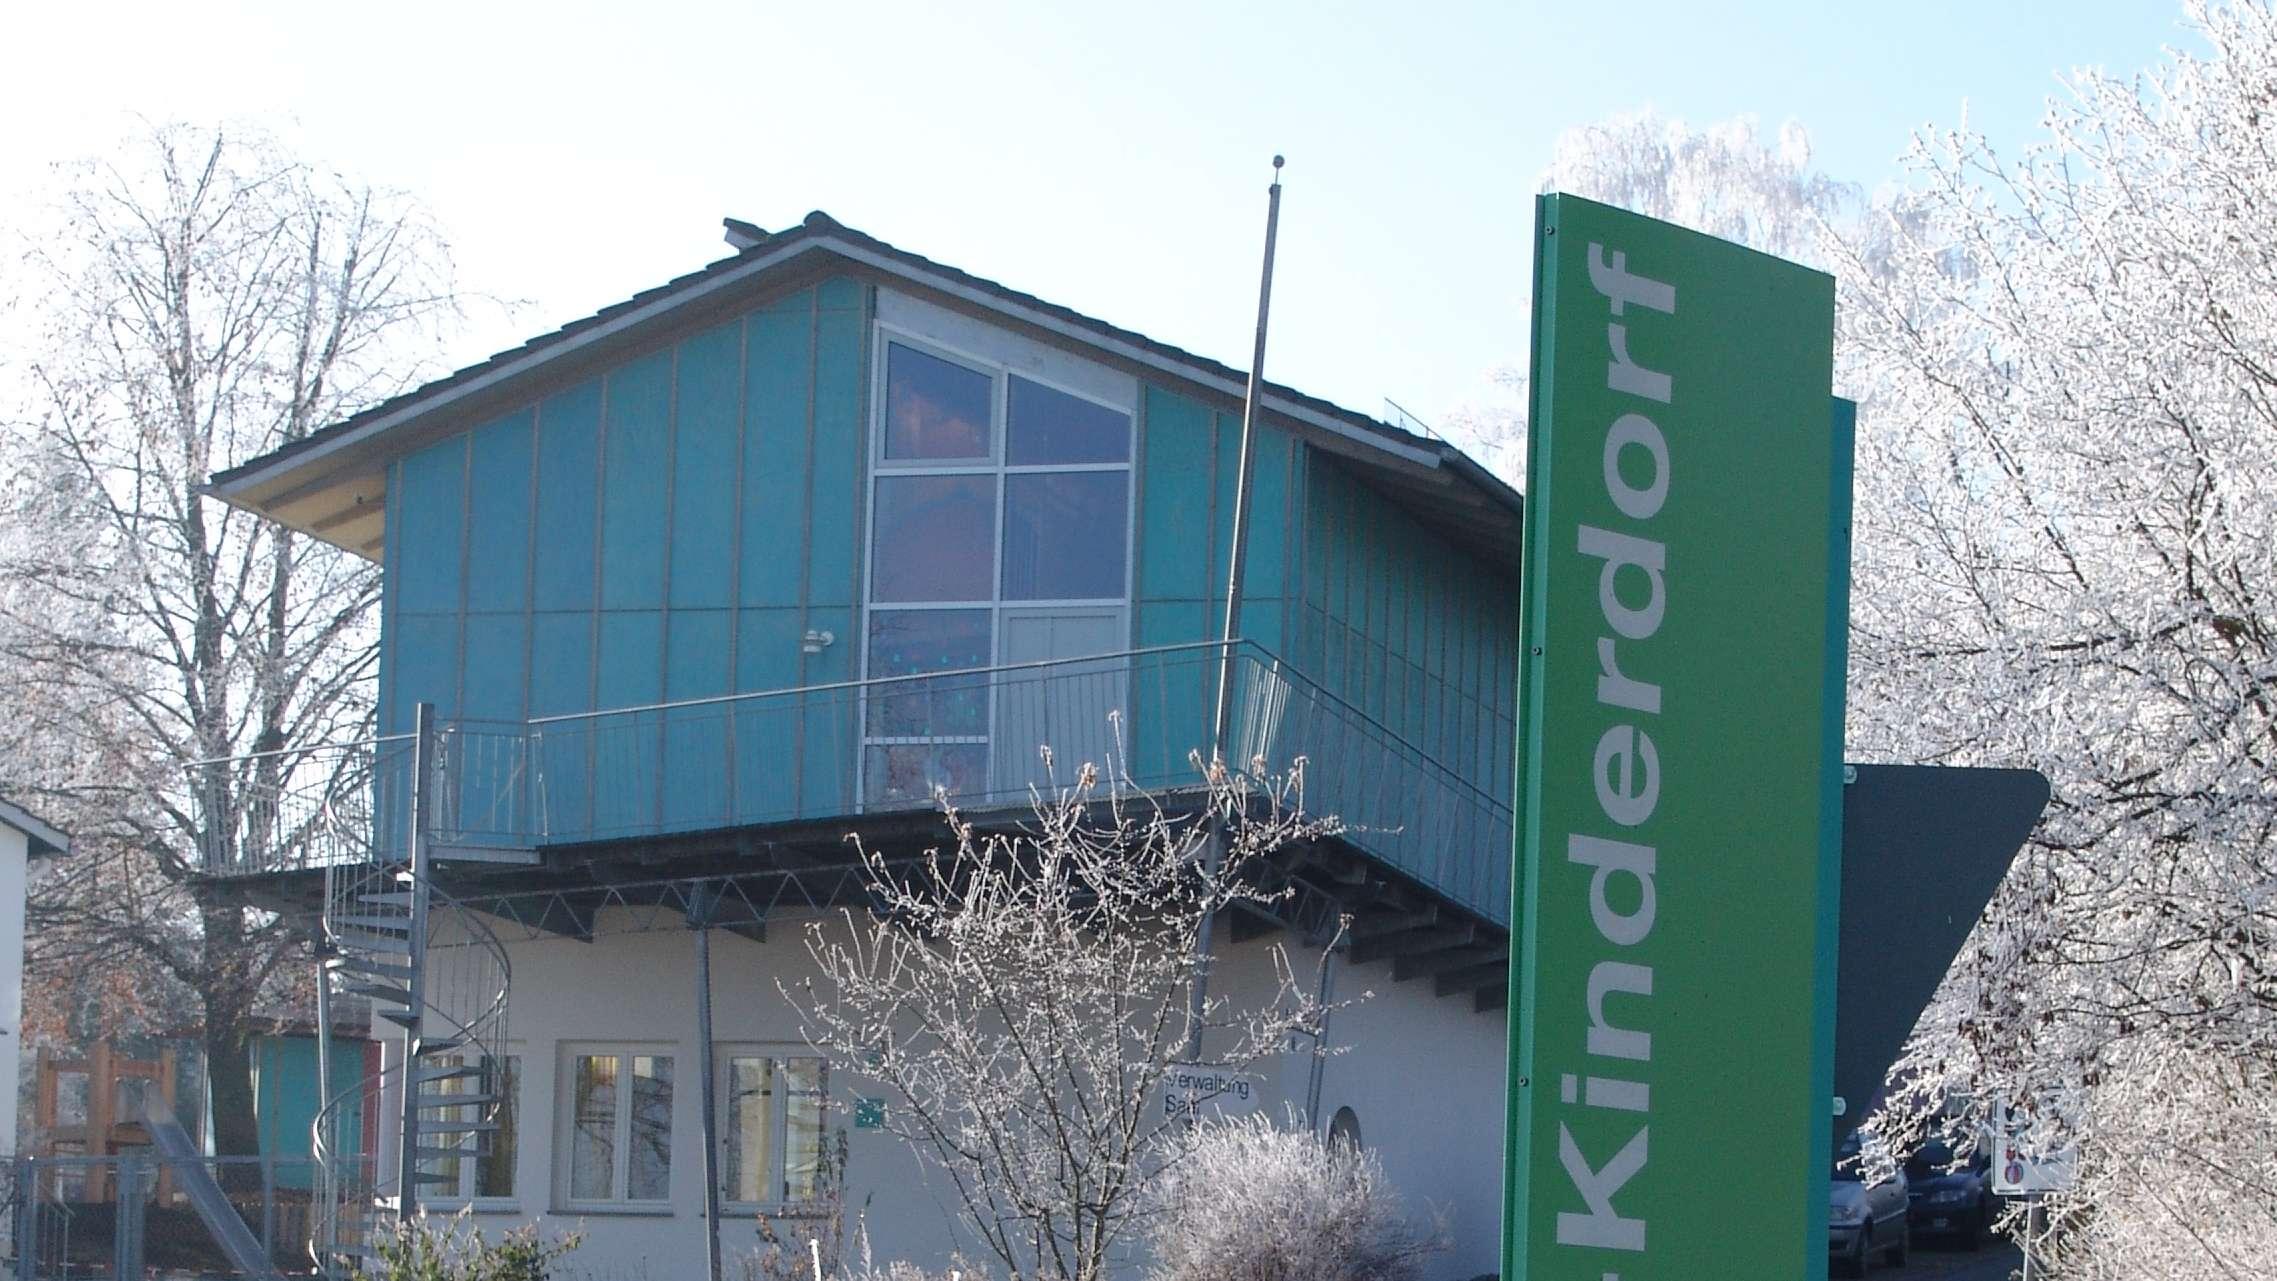 Ein Gebäude des SOS-Kinderdorfs in Dießen am Ammersee (Archivbild)